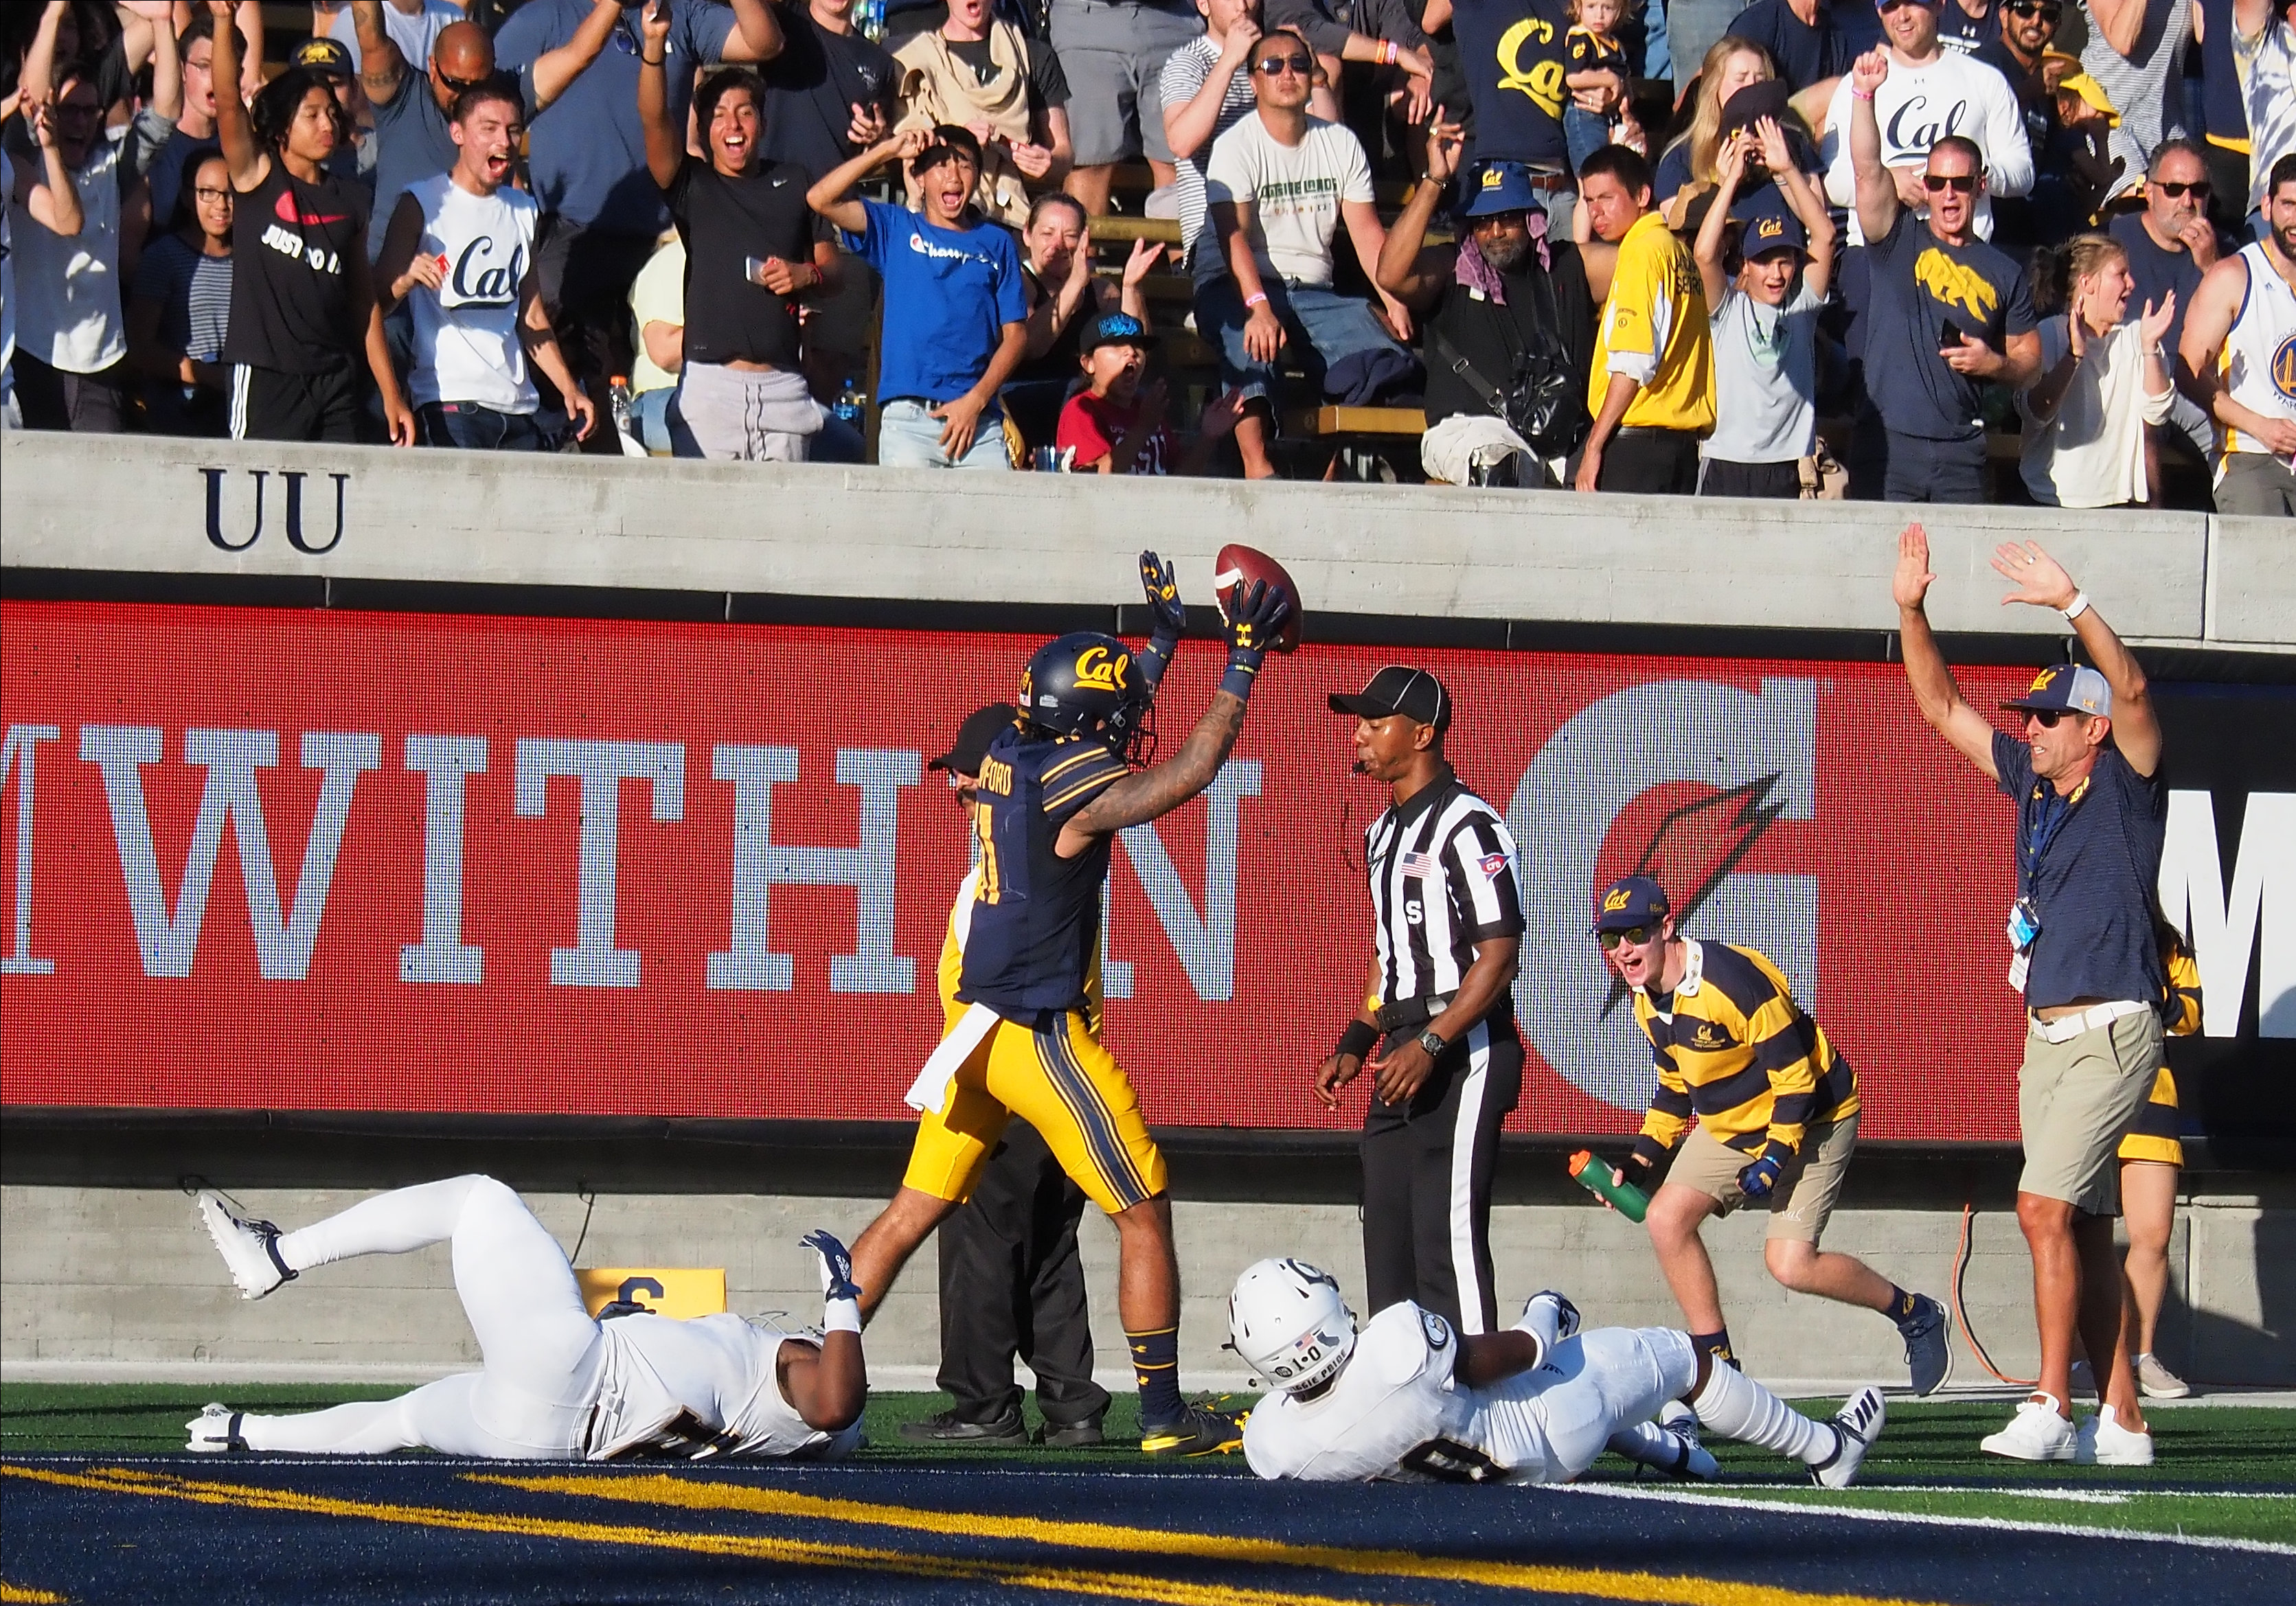 NCAA Football: UC - Davis at California